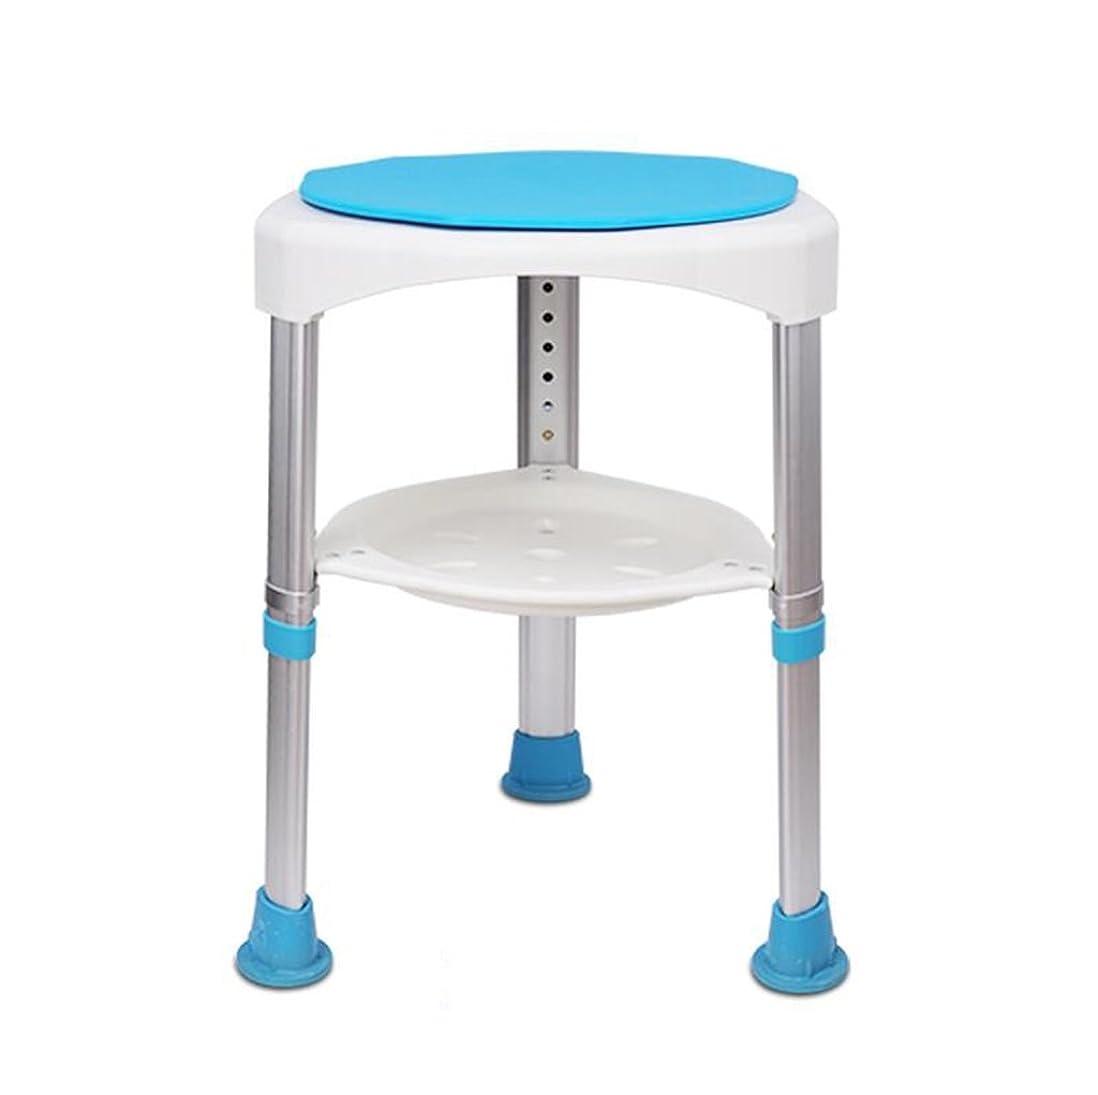 借りる思い出す贅沢BLFJJYP シャワー チェア 360度回転バスチェア (Size : Deep blue)